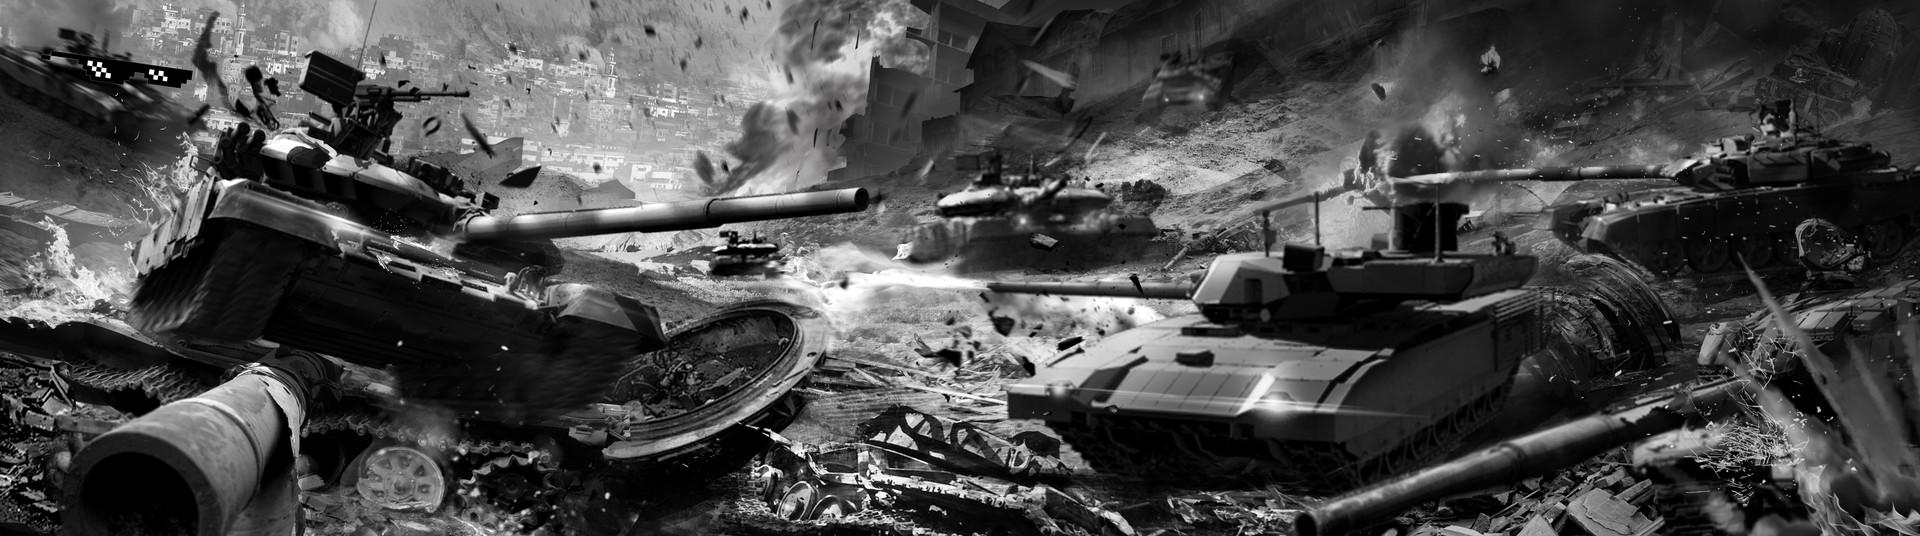 Anastasia Bulgakova - Tank battle